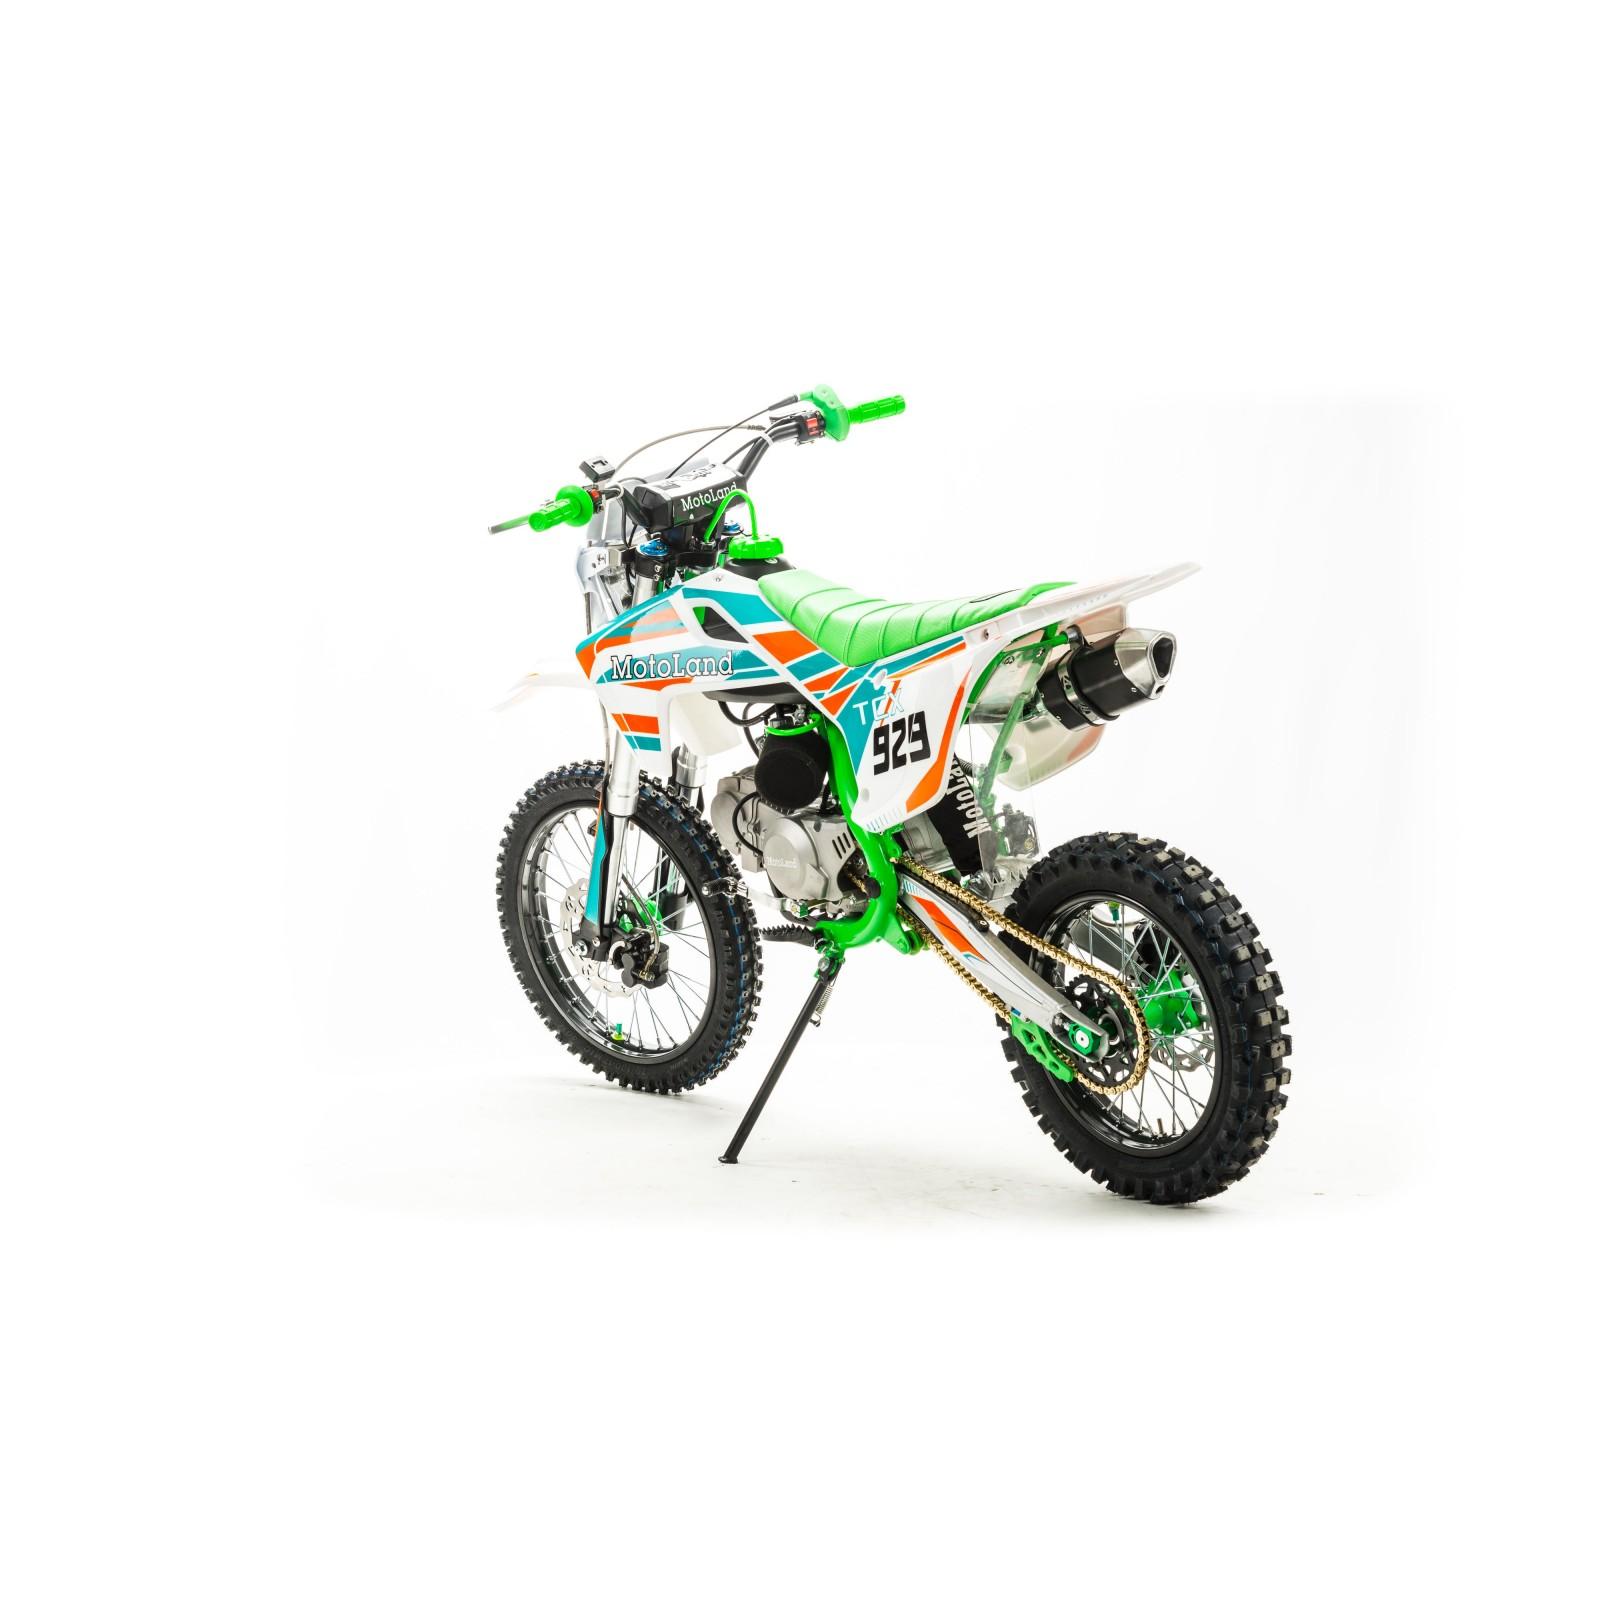 Питбайк MotoLand TCX125 (2020)